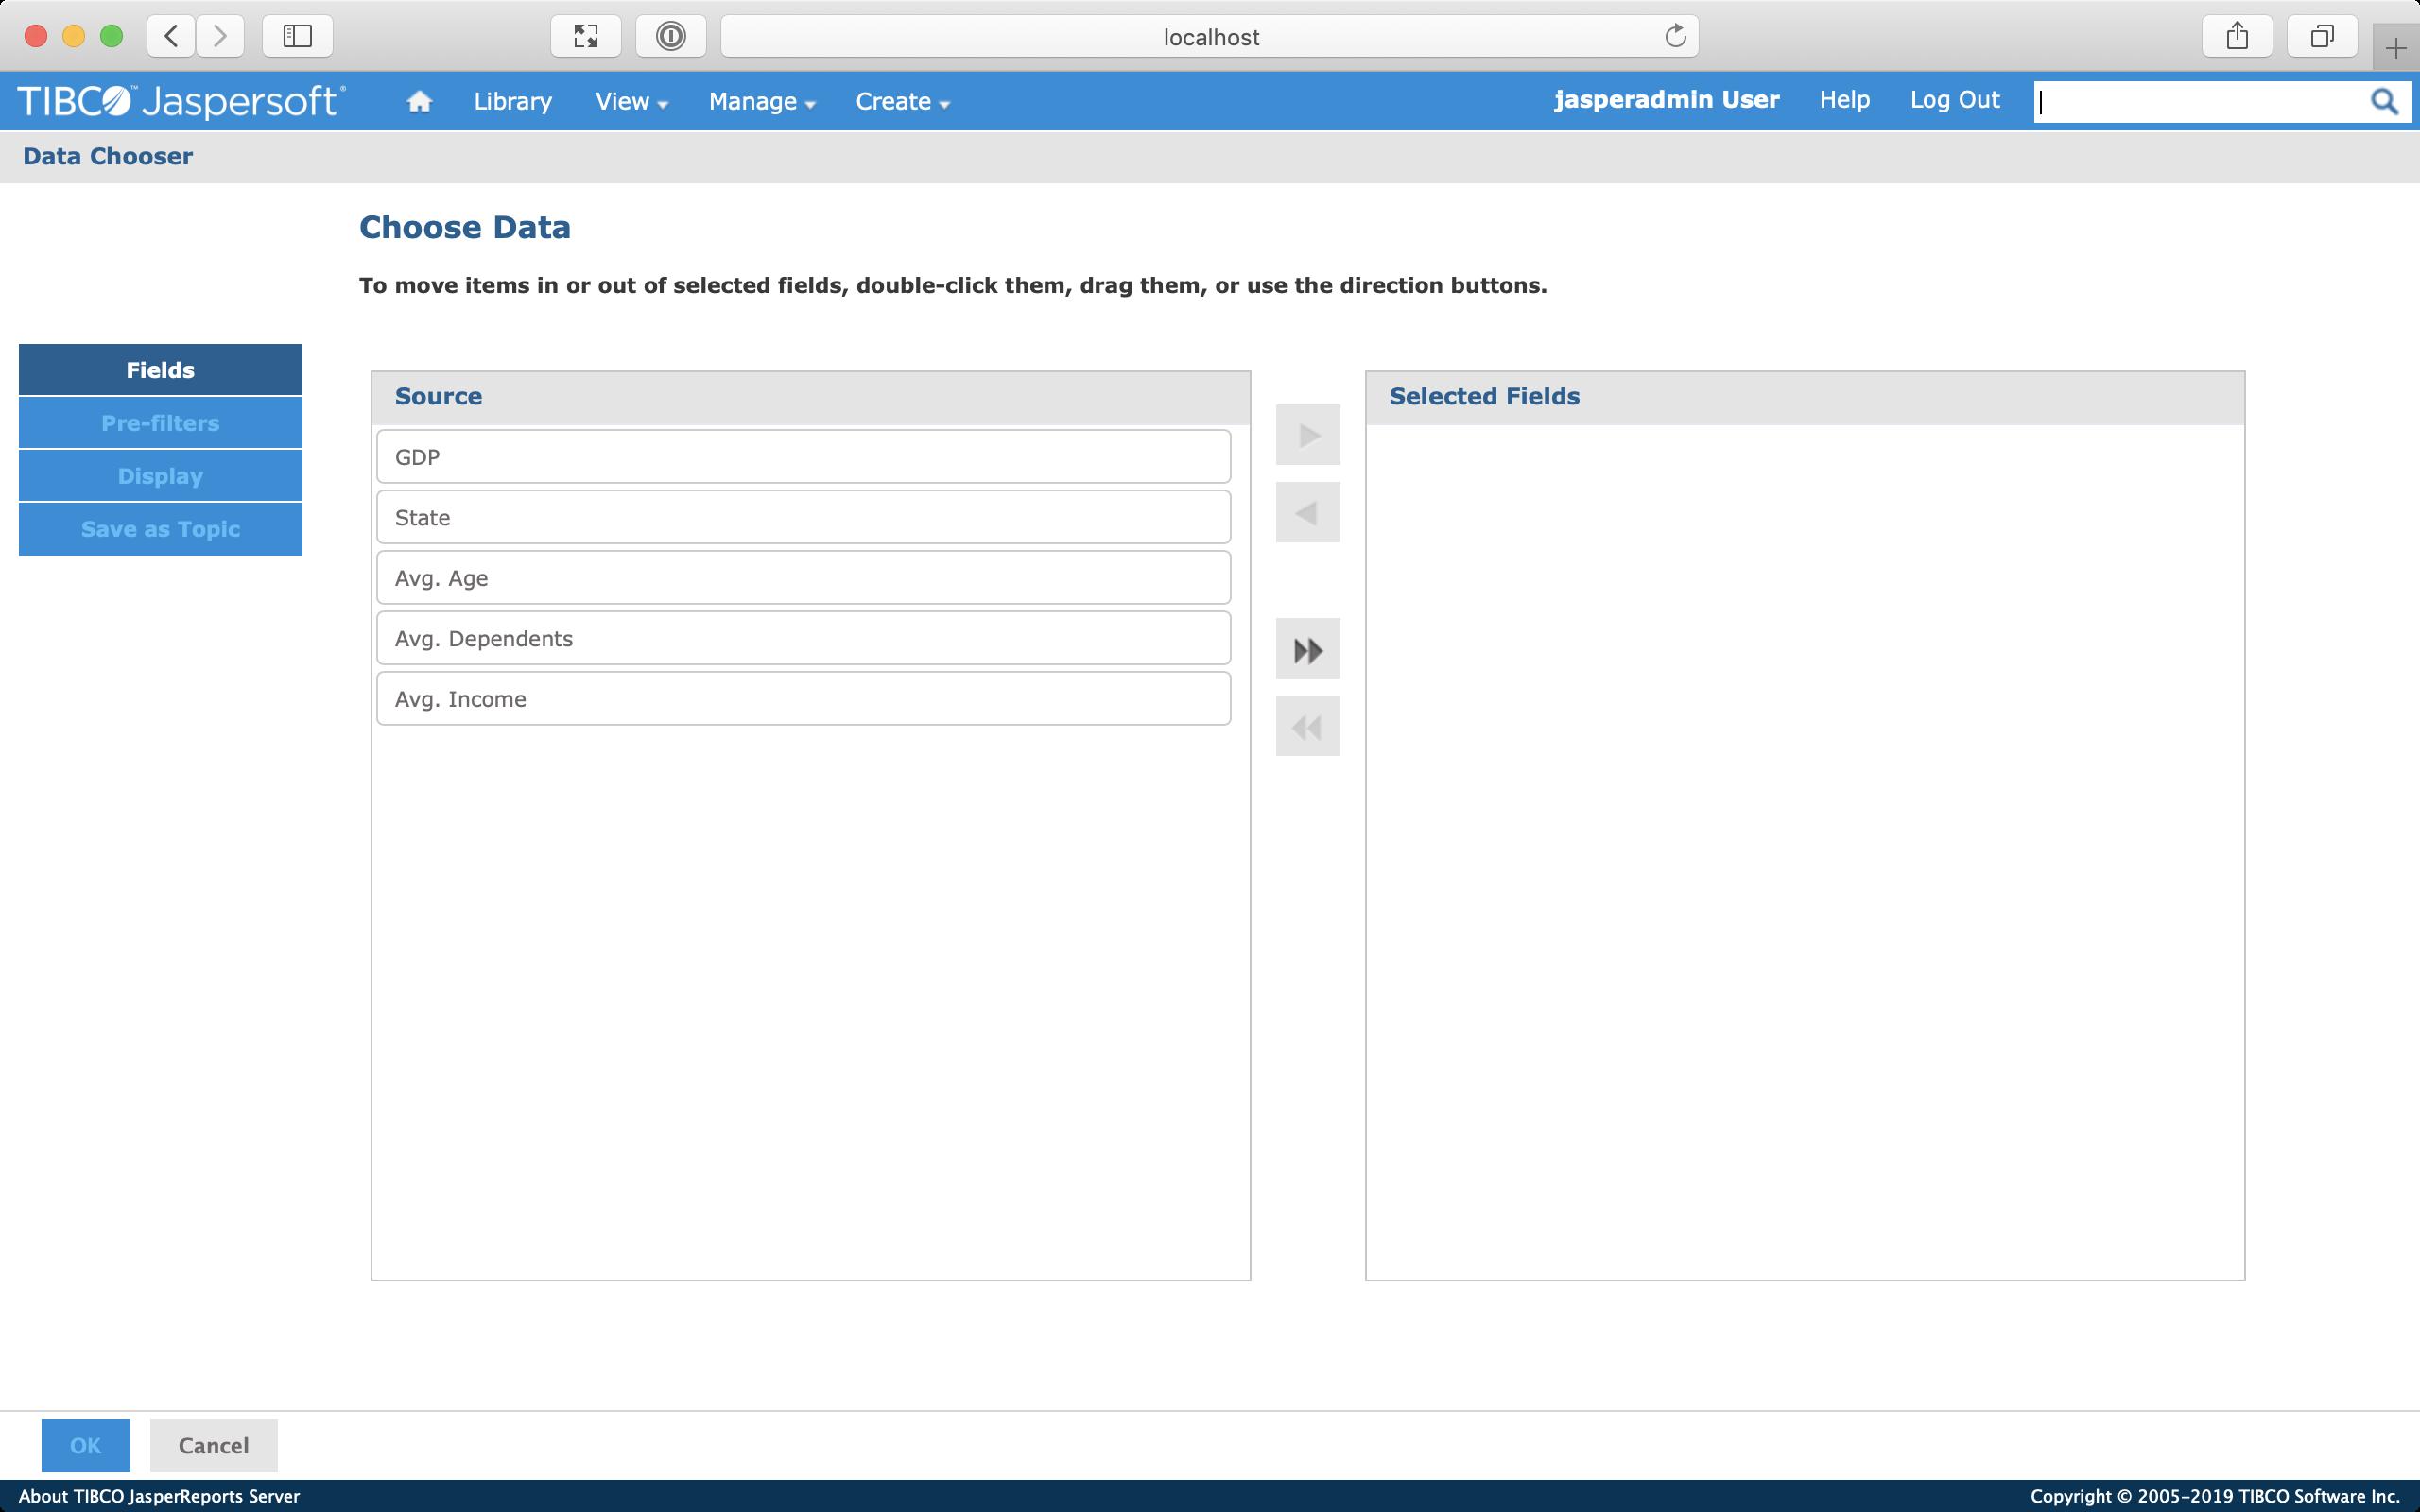 Screenshot of the Data Chooser screen